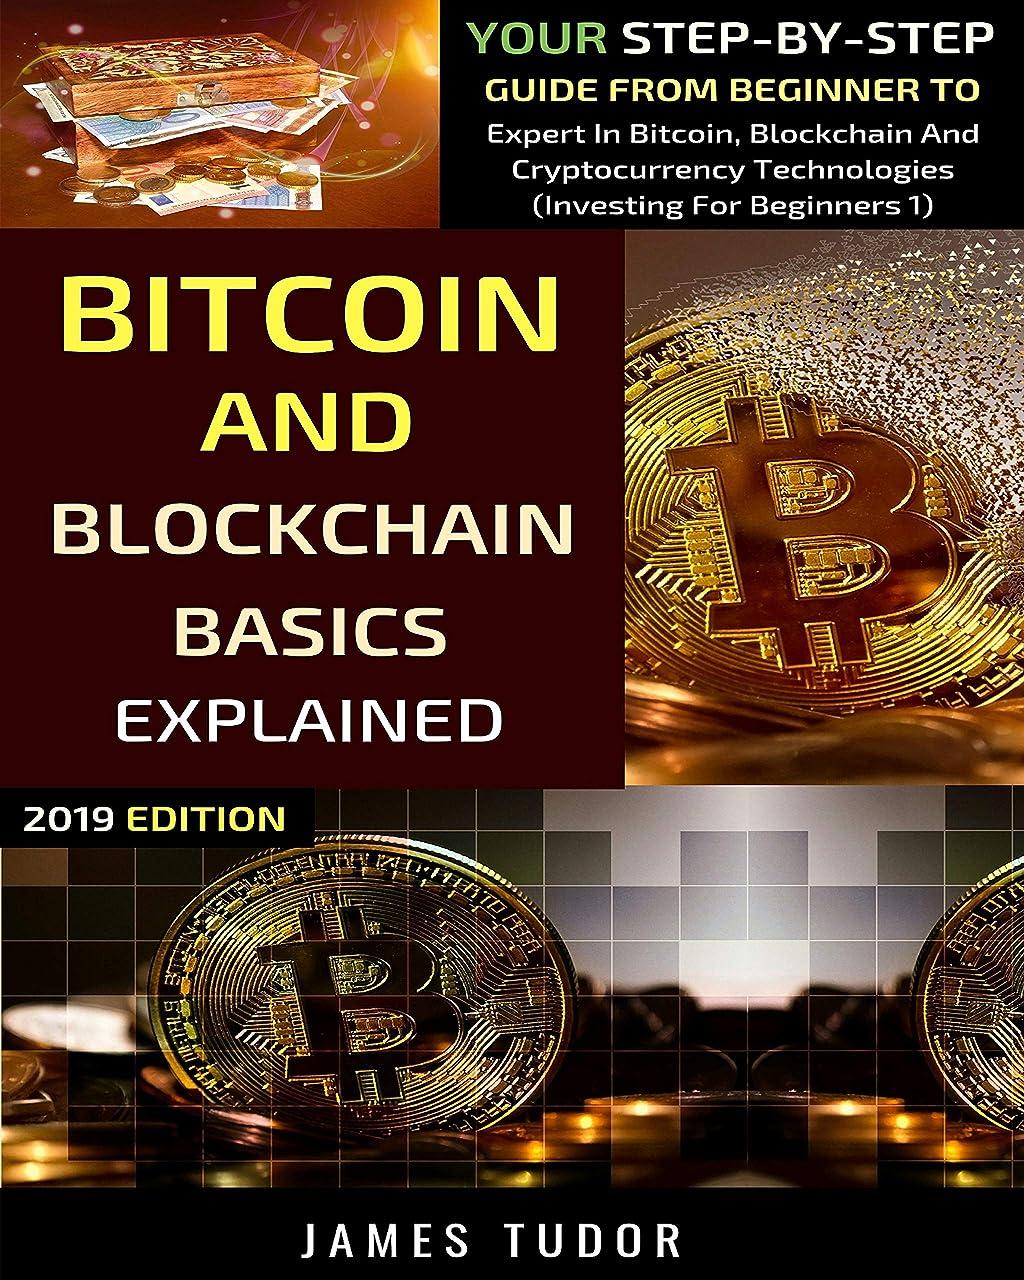 上がるムスソファーBitcoin And Blockchain Basics Explained: Your Step-By-Step Guide From Beginner To Expert In Bitcoin, Blockchain And Cryptocurrency Technologies (Investing For Beginners Book 1) (English Edition)